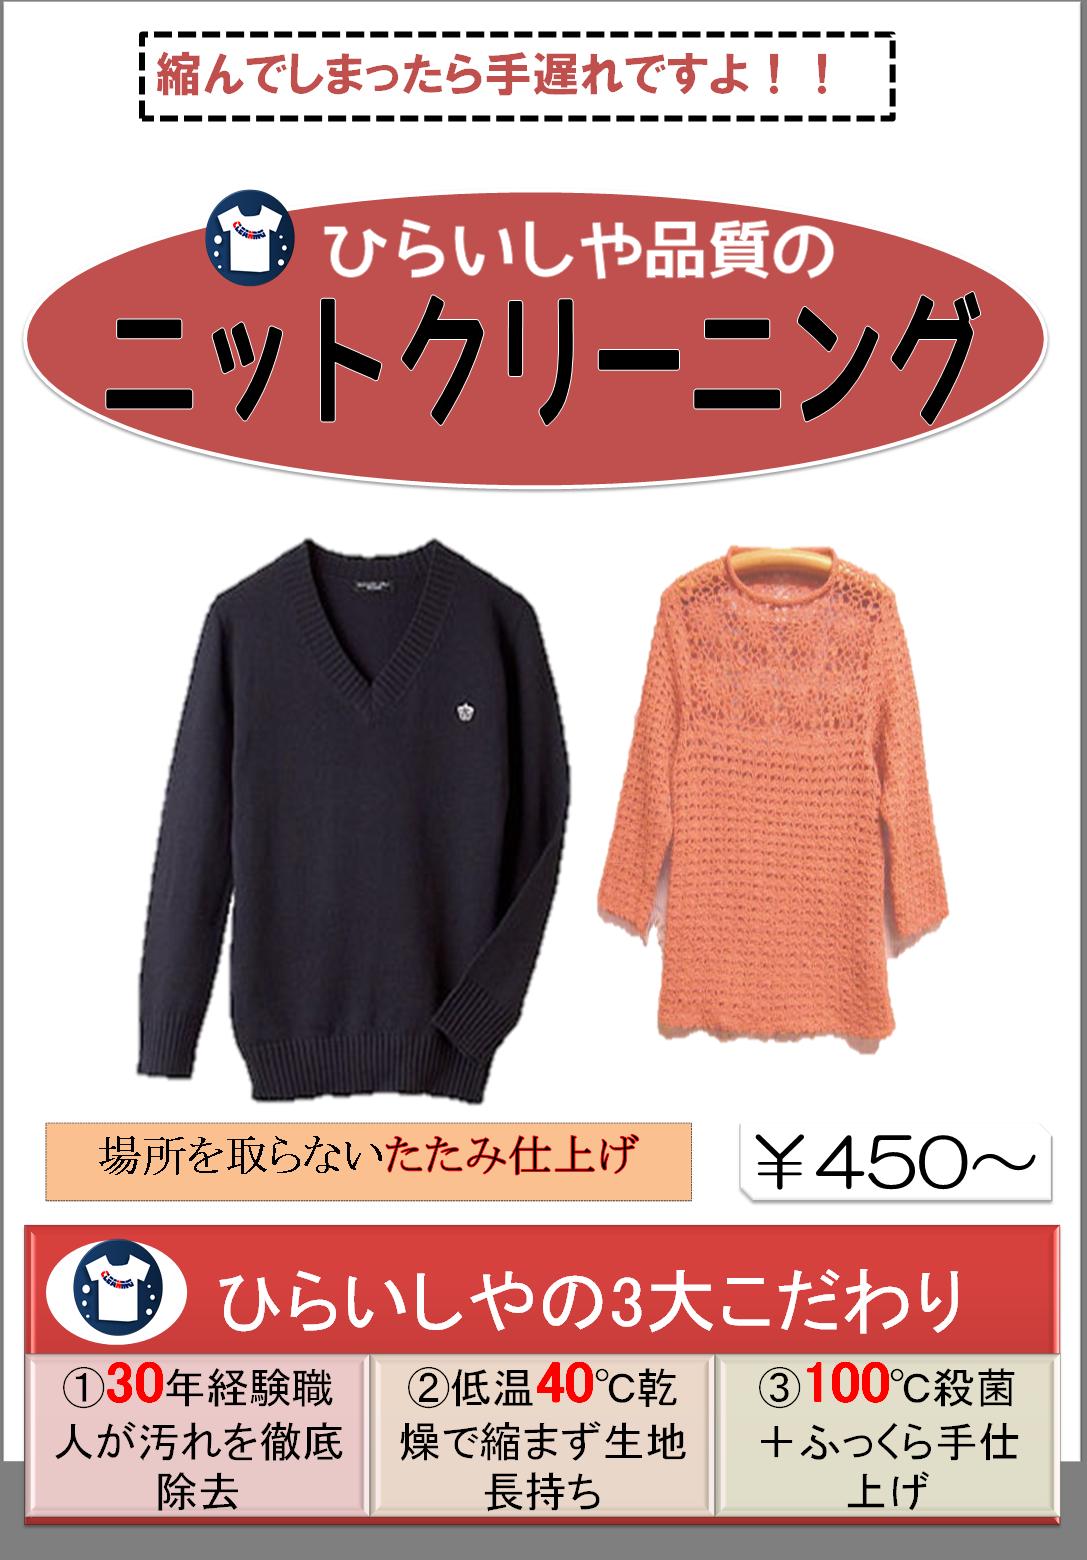 セーター ポスター 2016最新